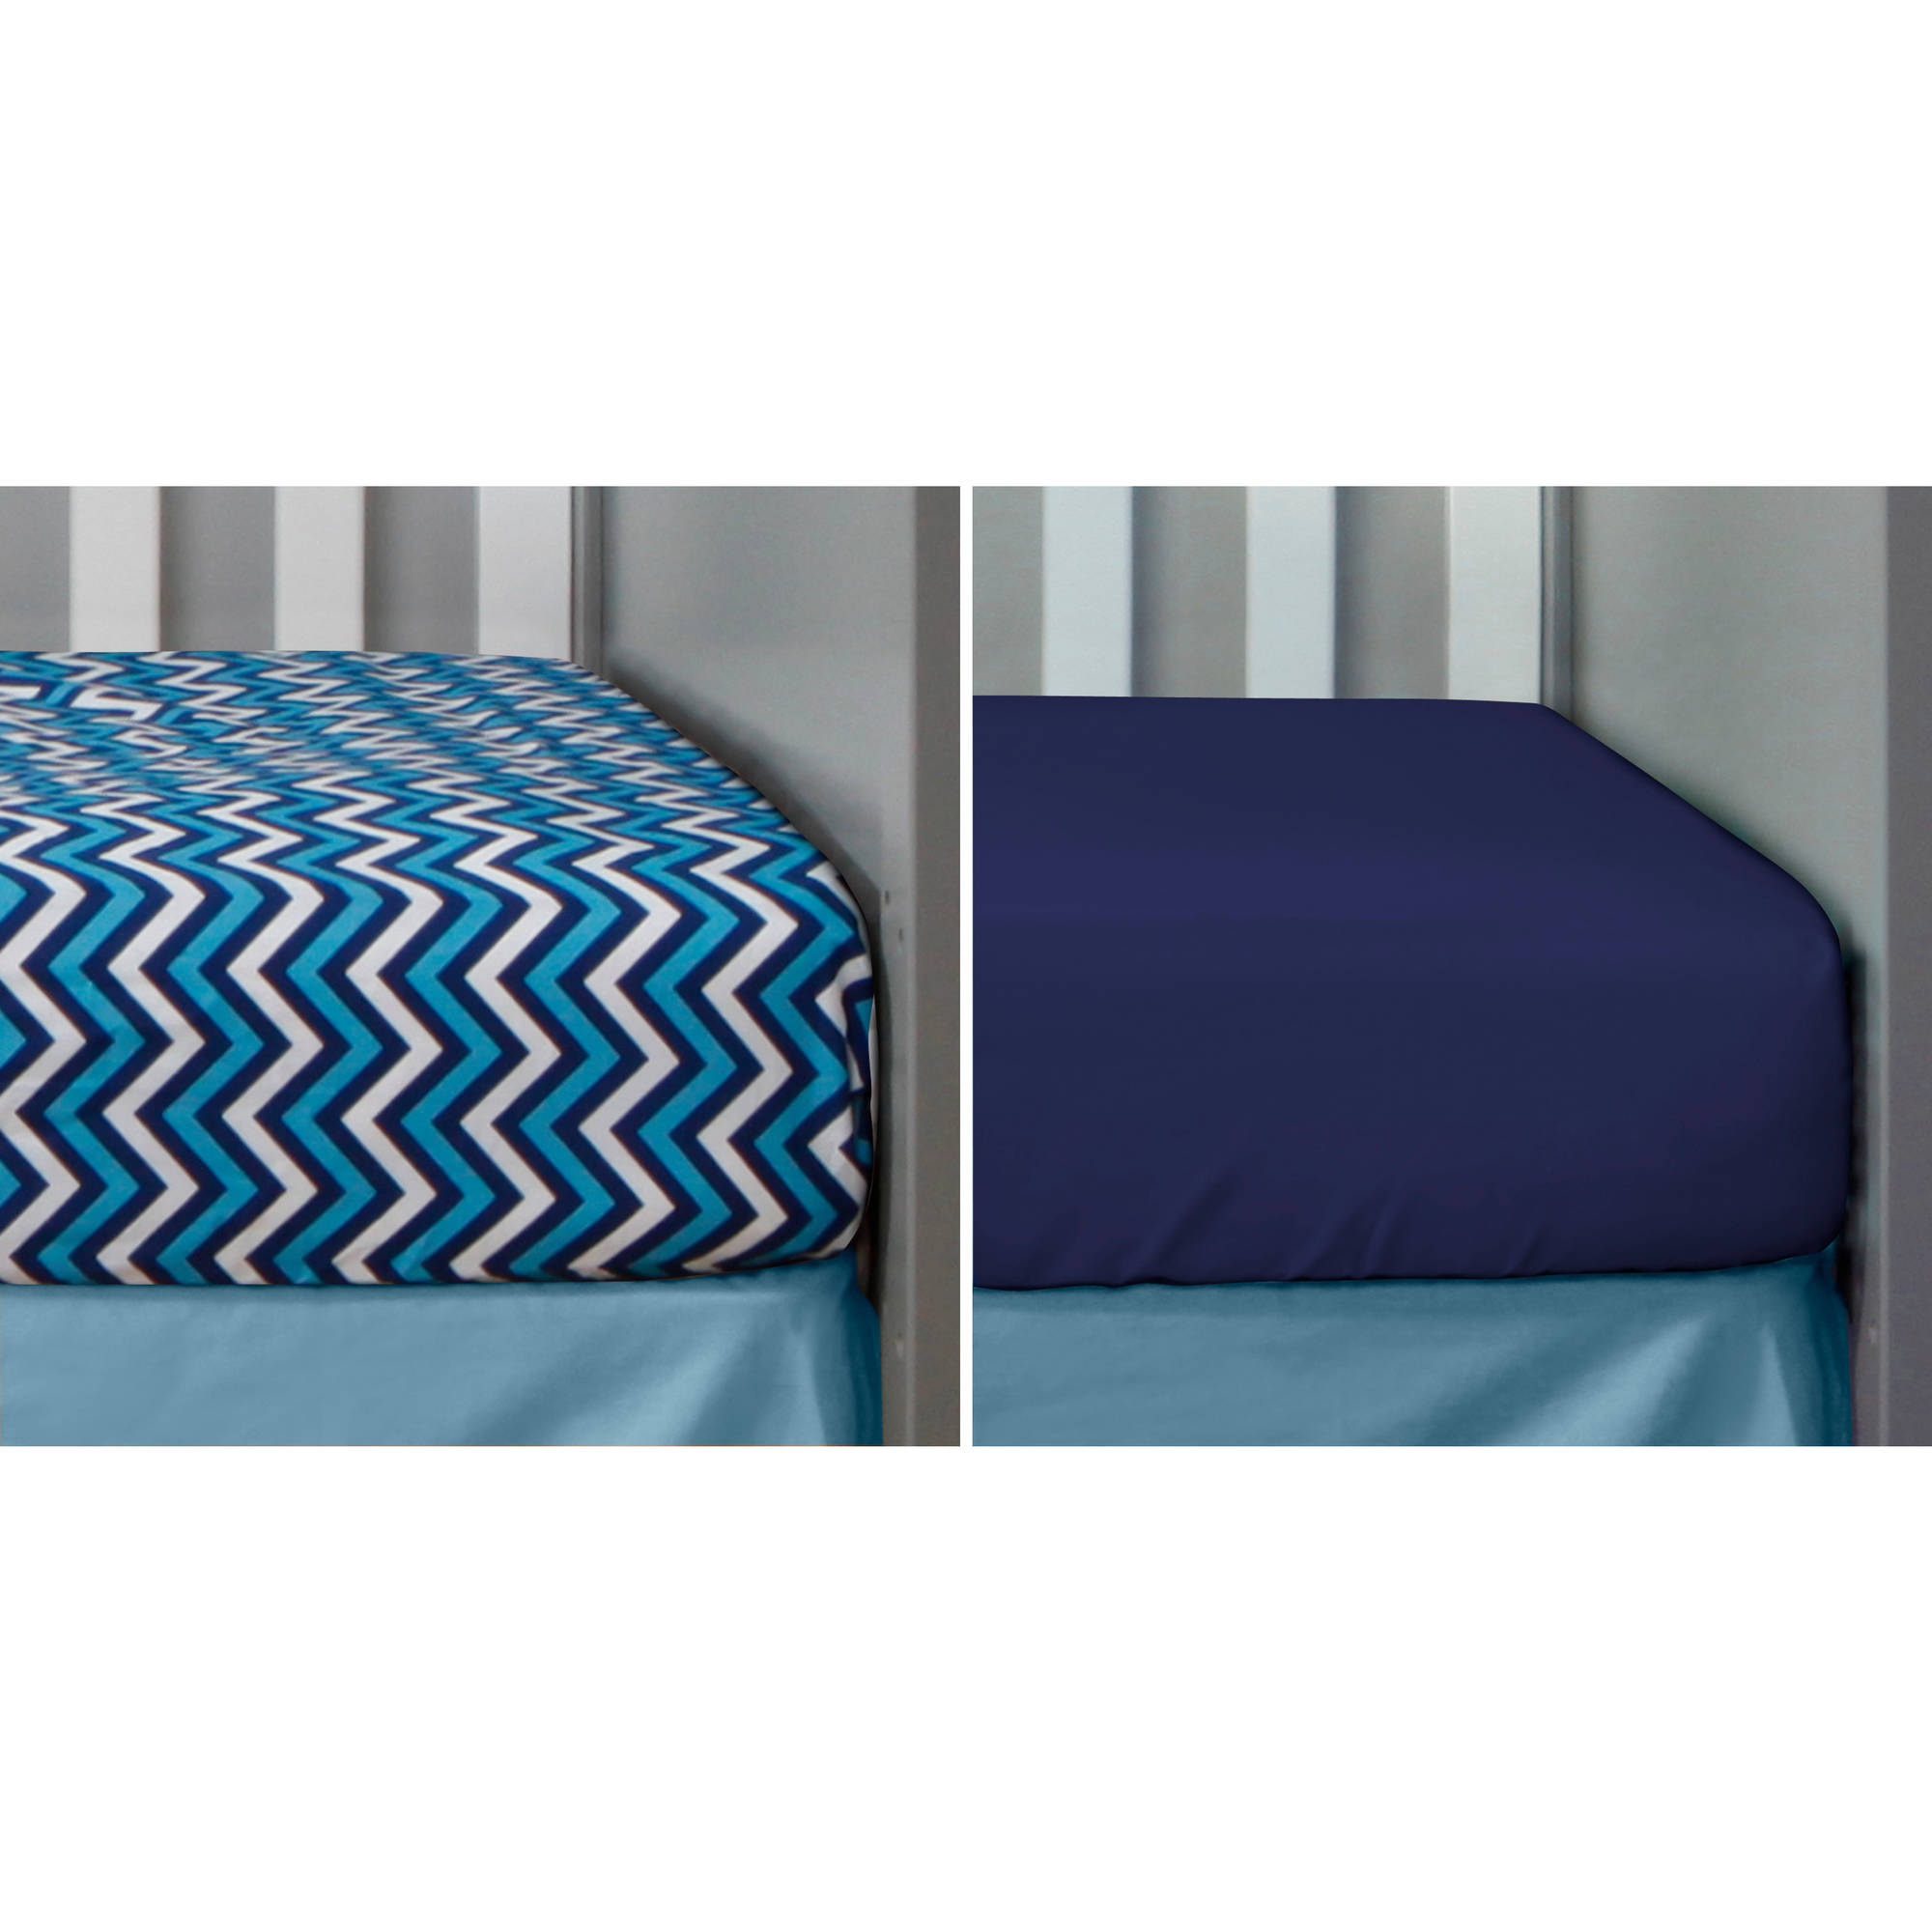 Bananafish Studio Anchors Away Set of 2 Crib Sheets, Zigzag/Navy Solid